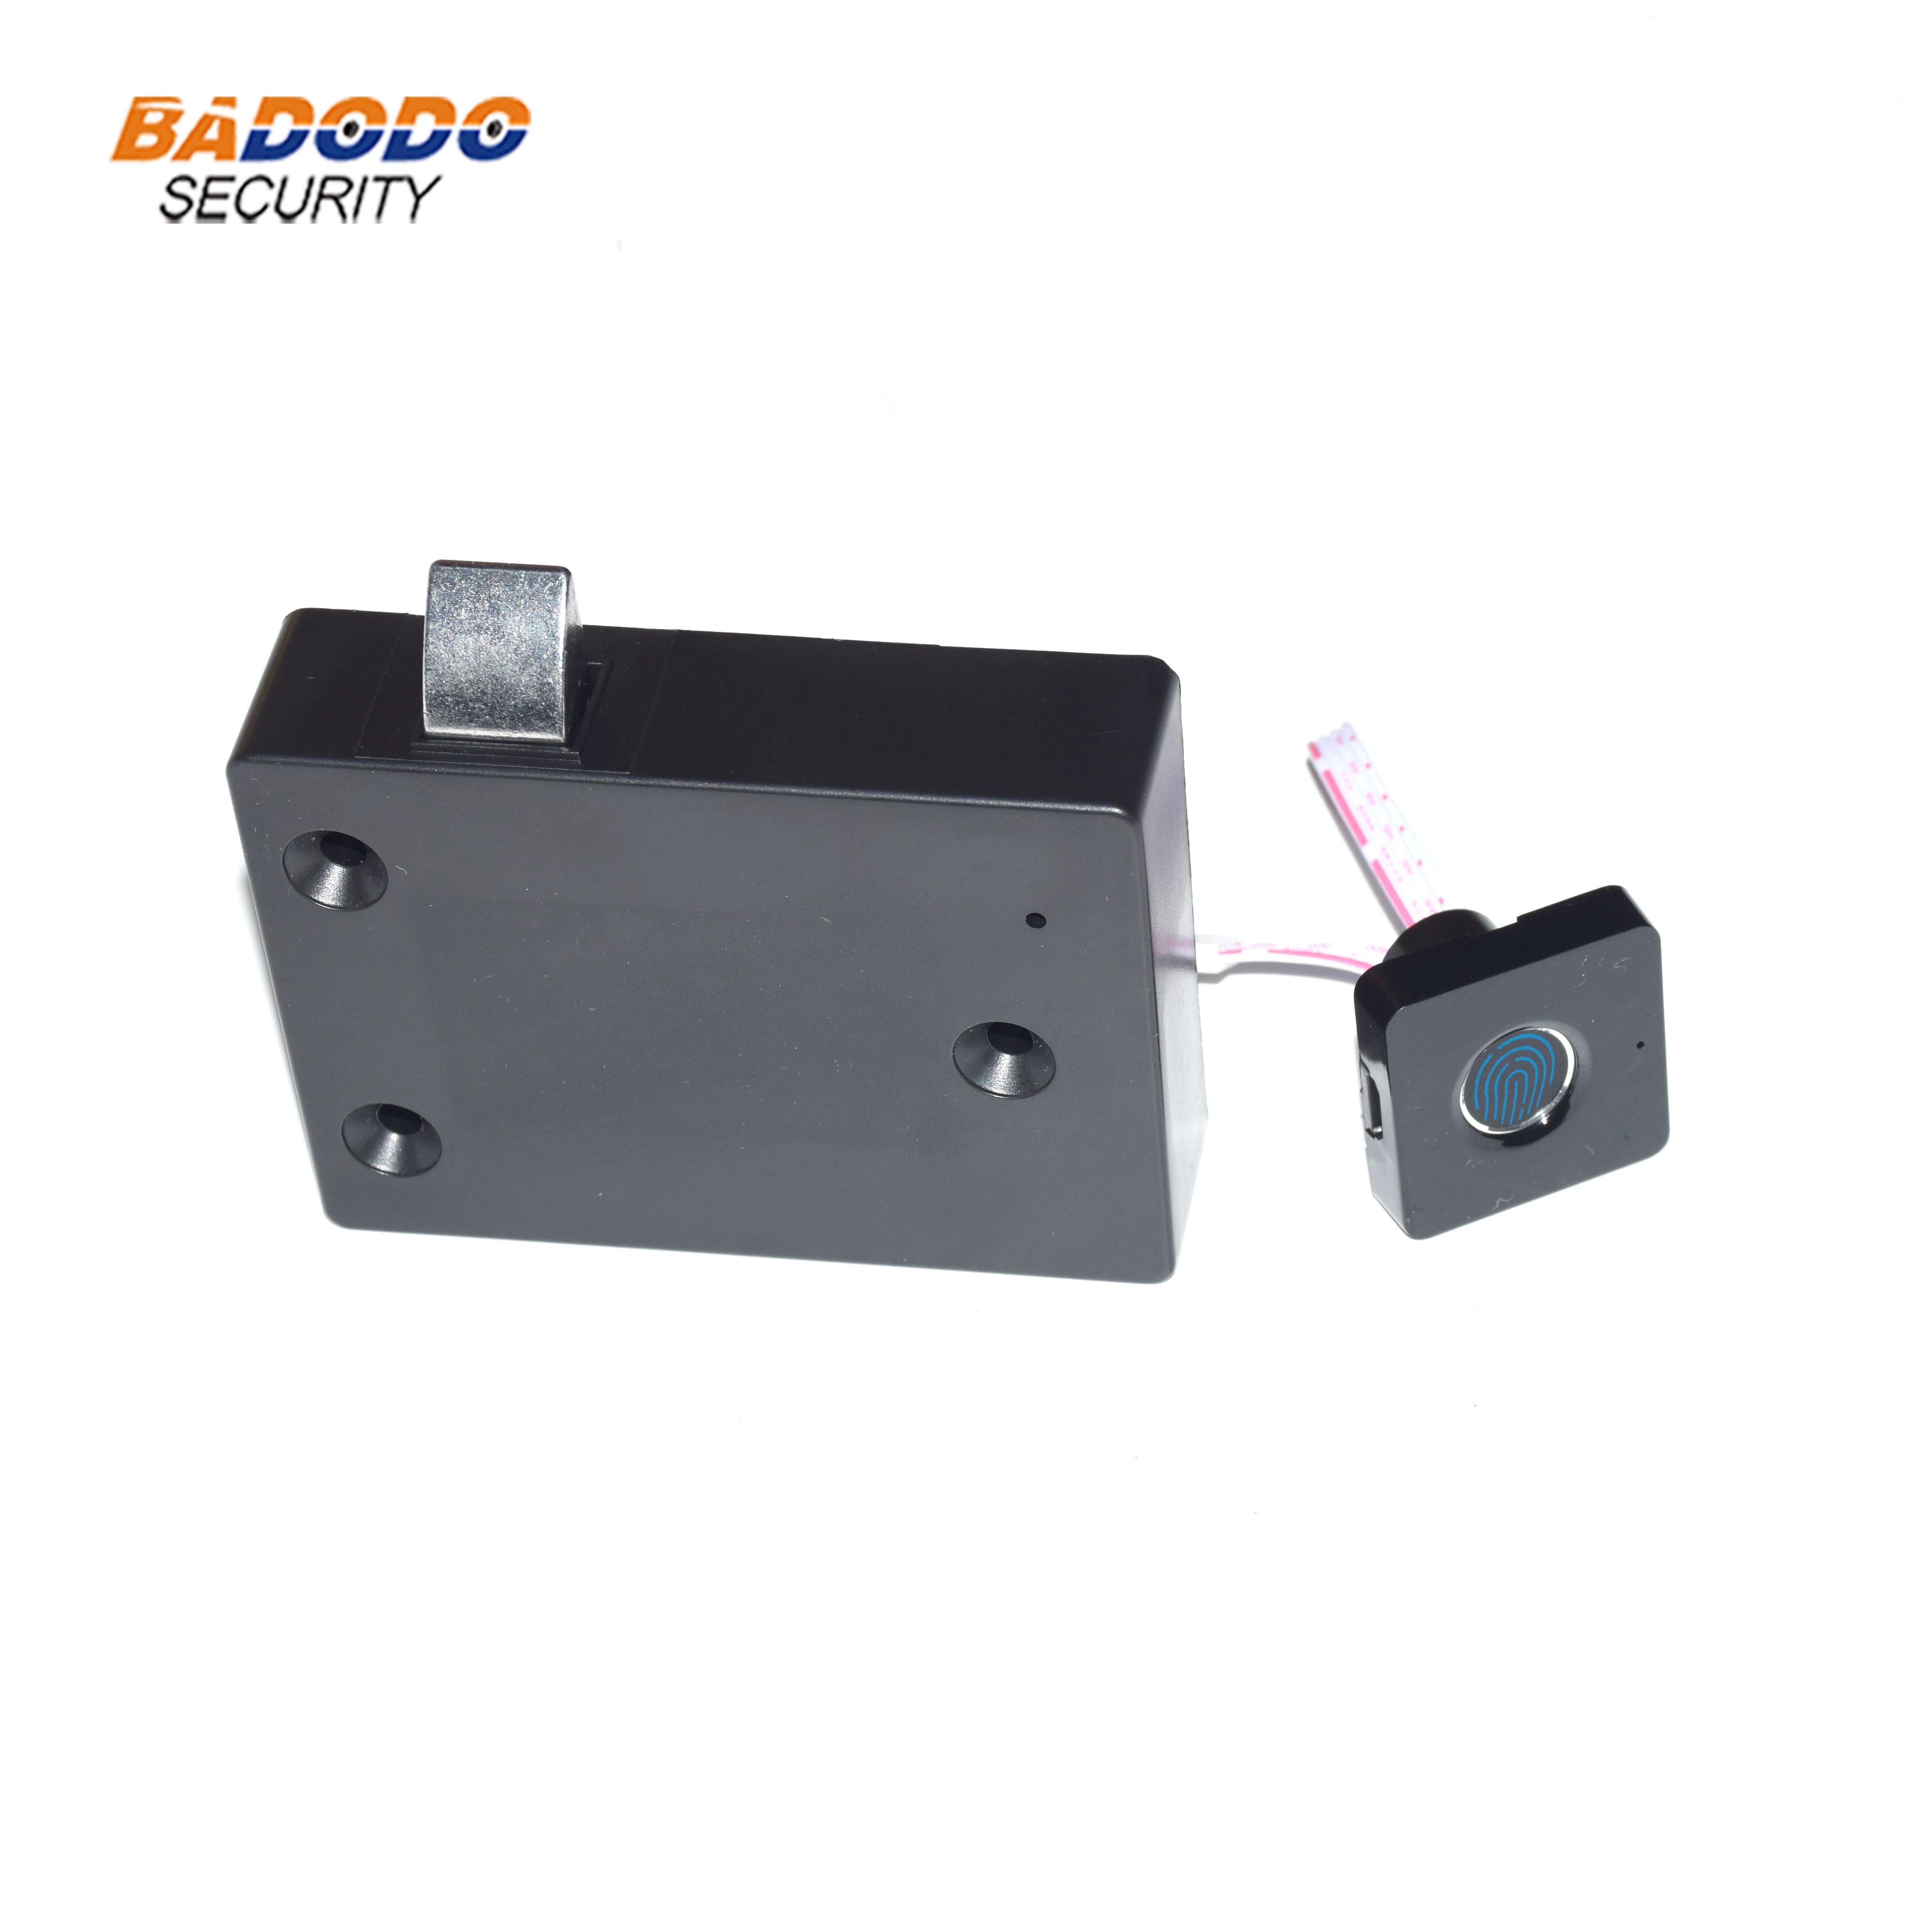 Cerradura de puerta de caja de huella dactilar de plástico cerradura eléctrica biométrica con batería recargable para armarios de cajones